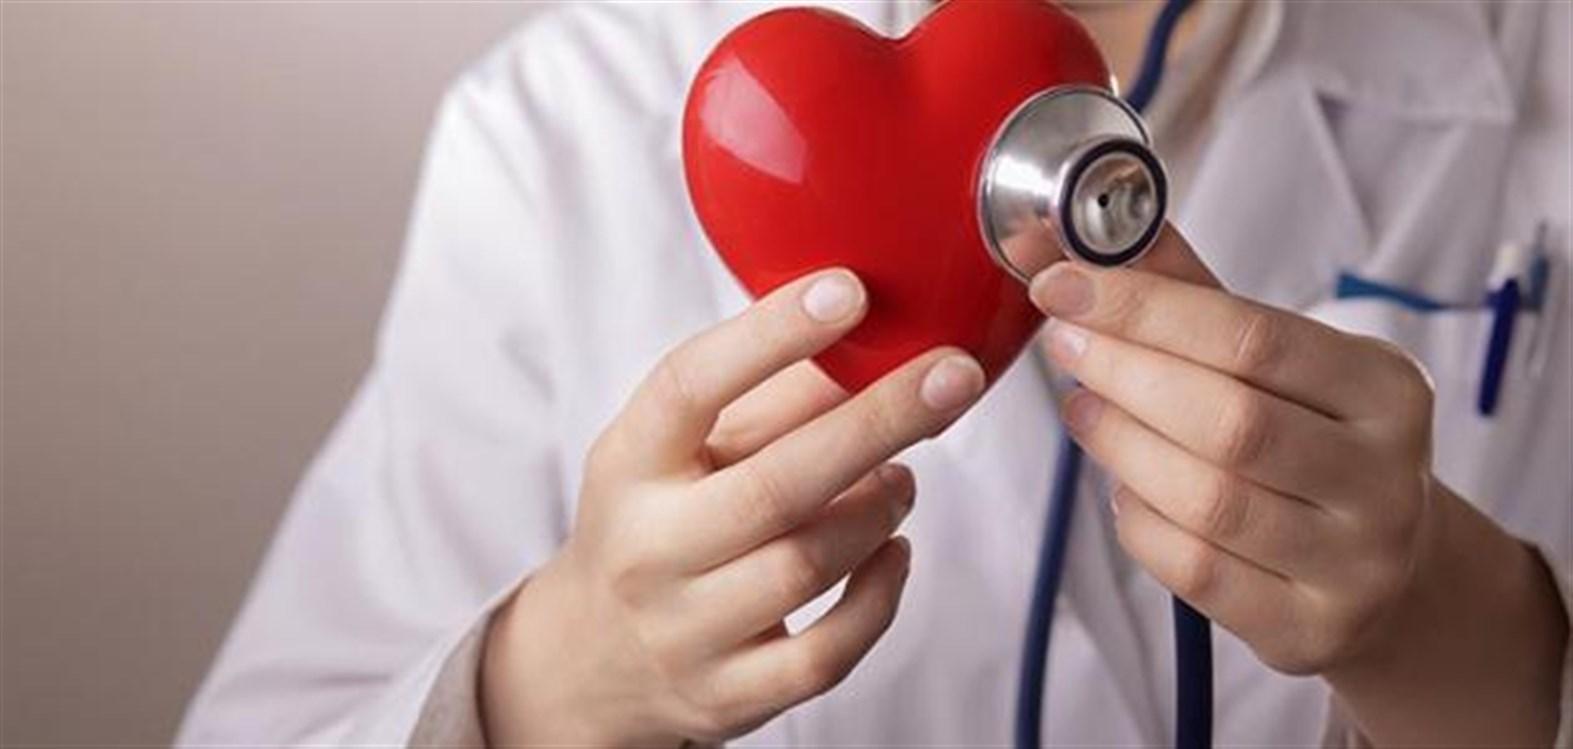 ما هي أسباب خفقان القلب قبل النوم؟ - البيان الصحي - حياة - البيان